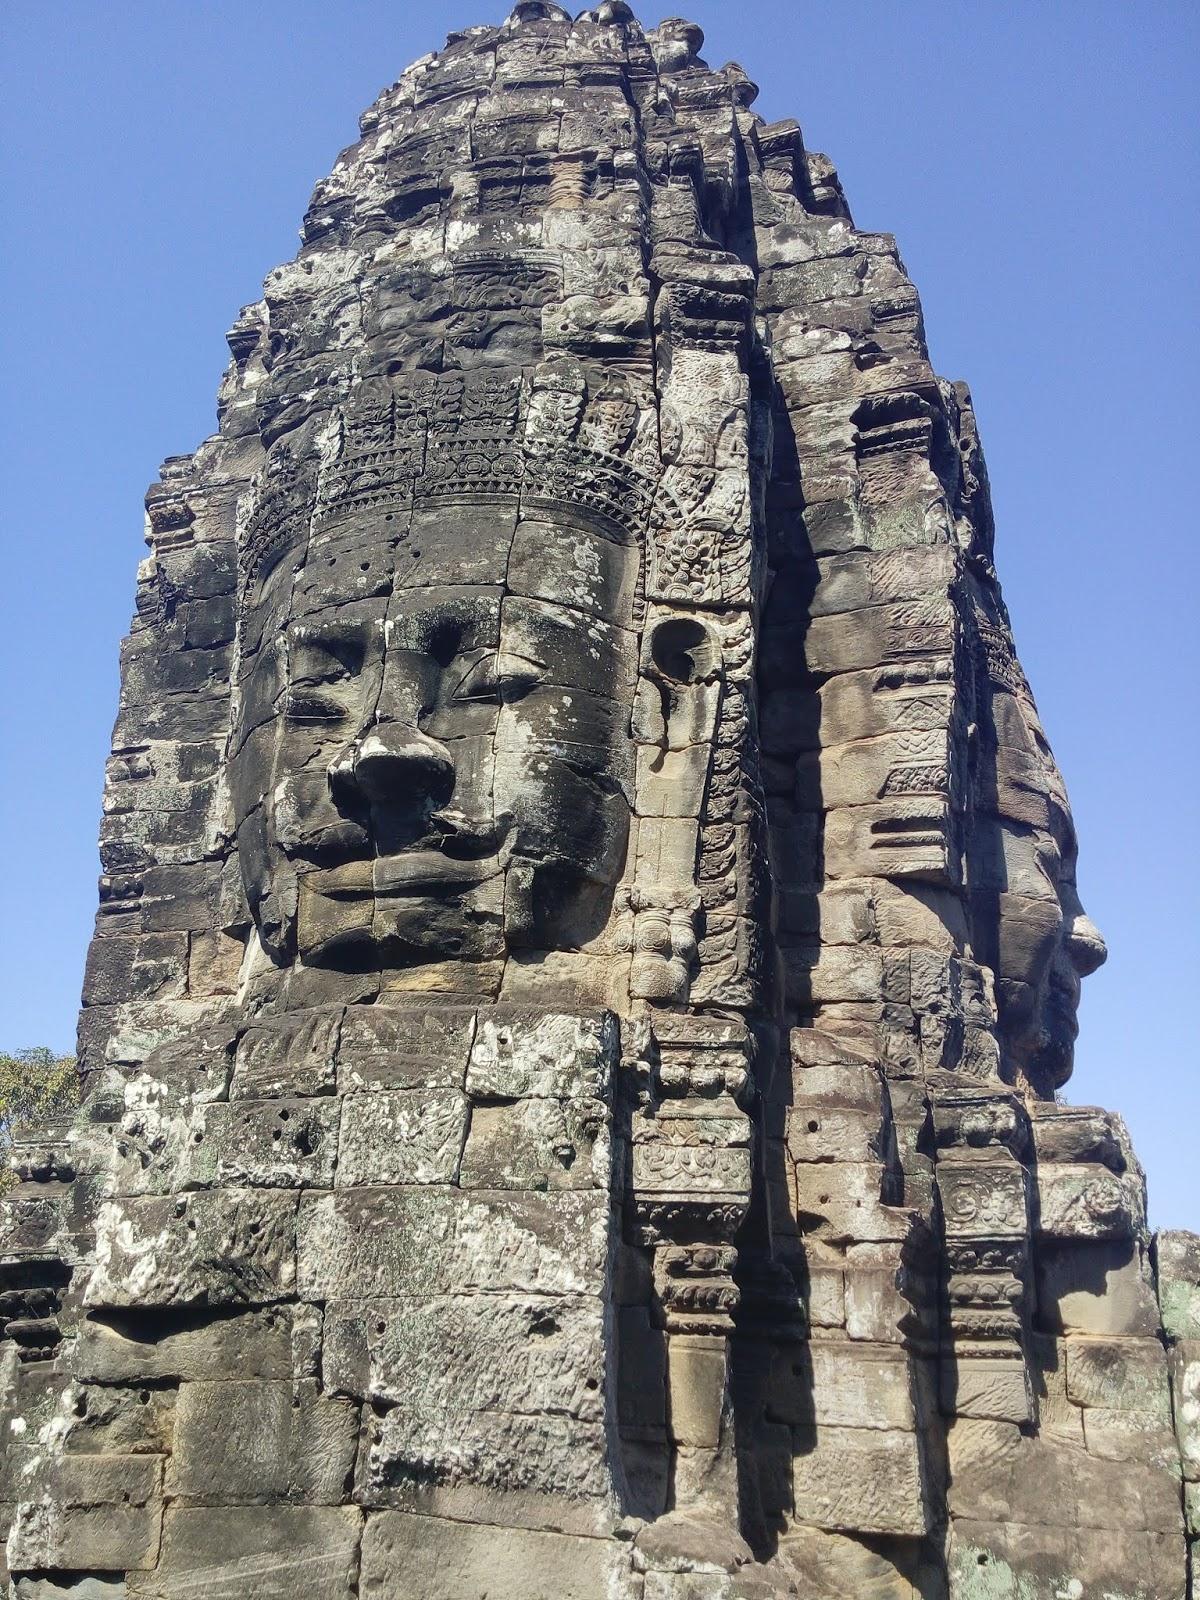 Eksotisme Angkor Wat Dalam Budaya Khmer Siem Reap Tukang Jalan Jajan